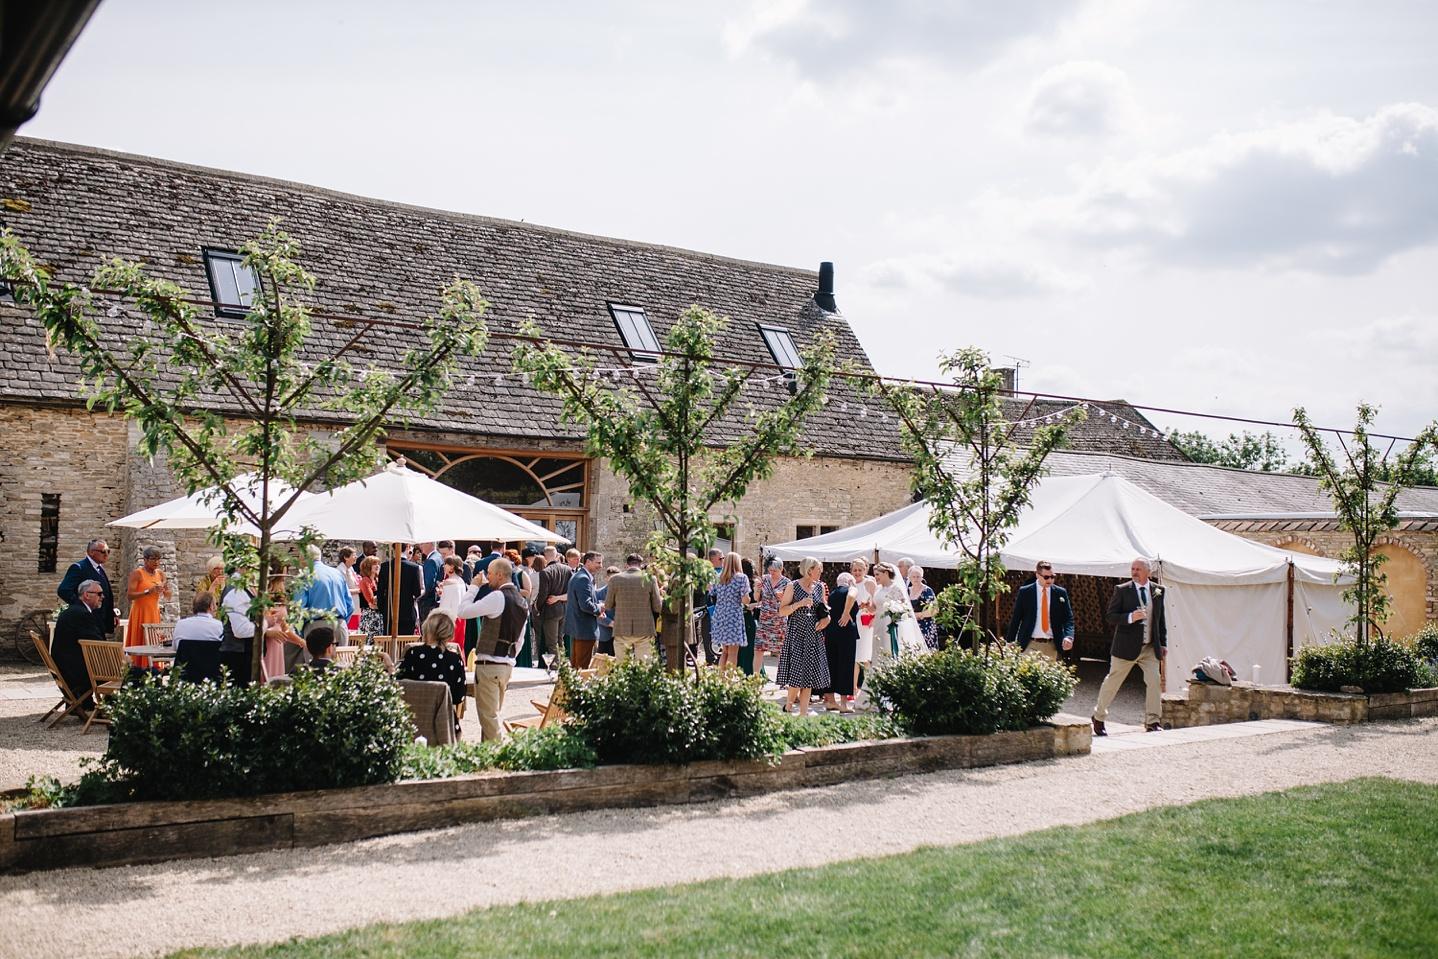 Oxleaze-Barn-Wedding-Photographer_0061.jpg